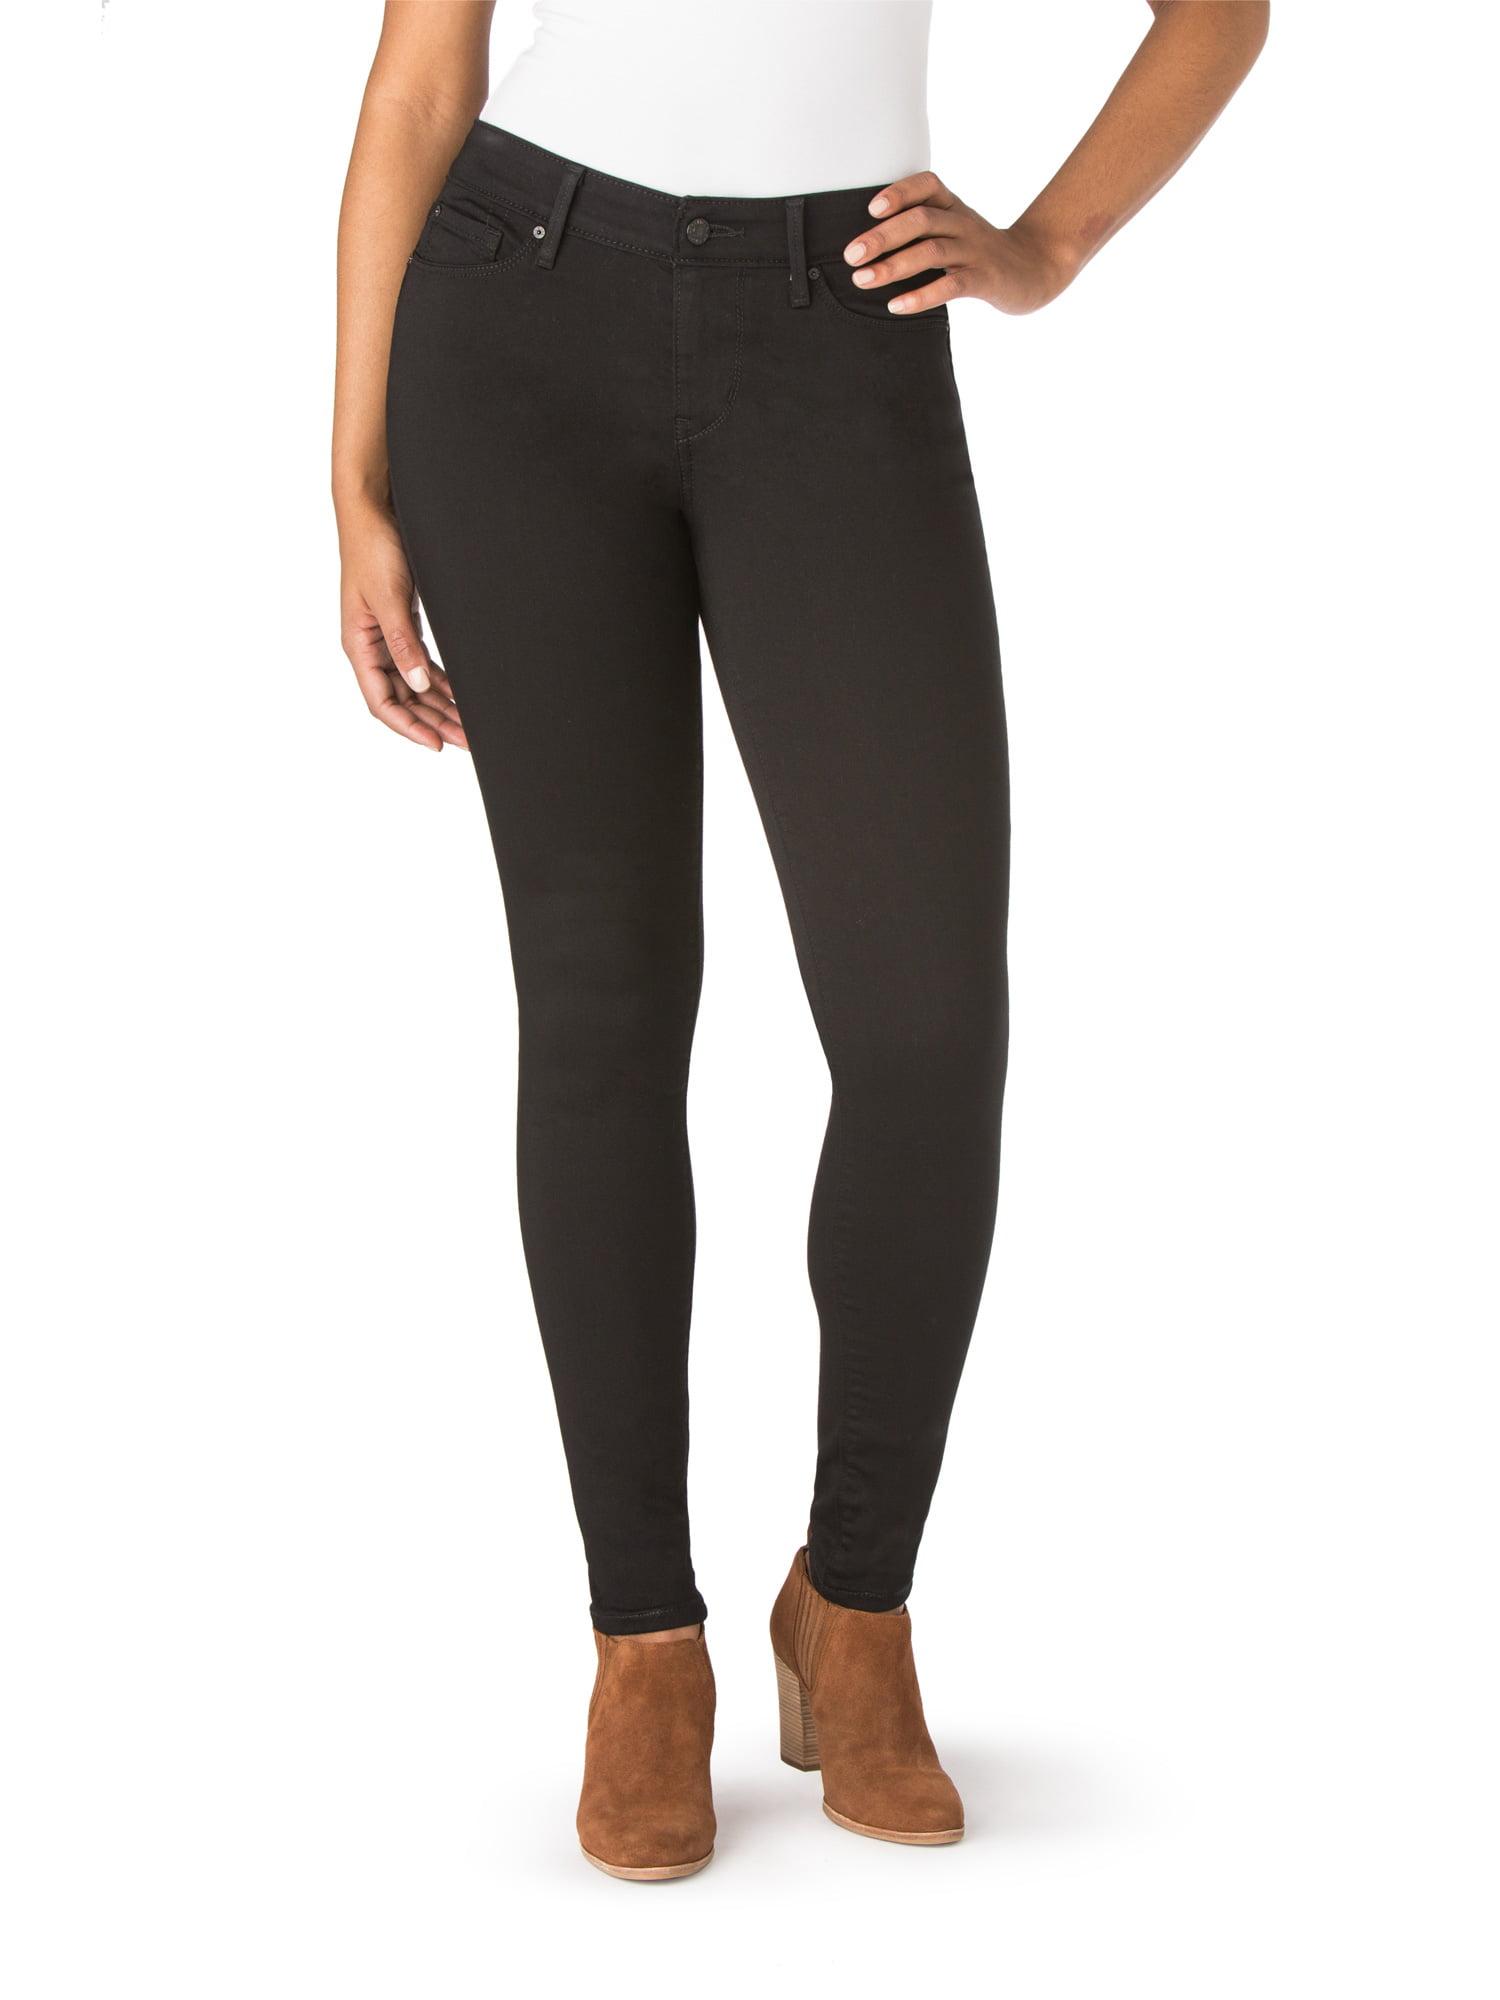 Women's Modern Skinny Jeans